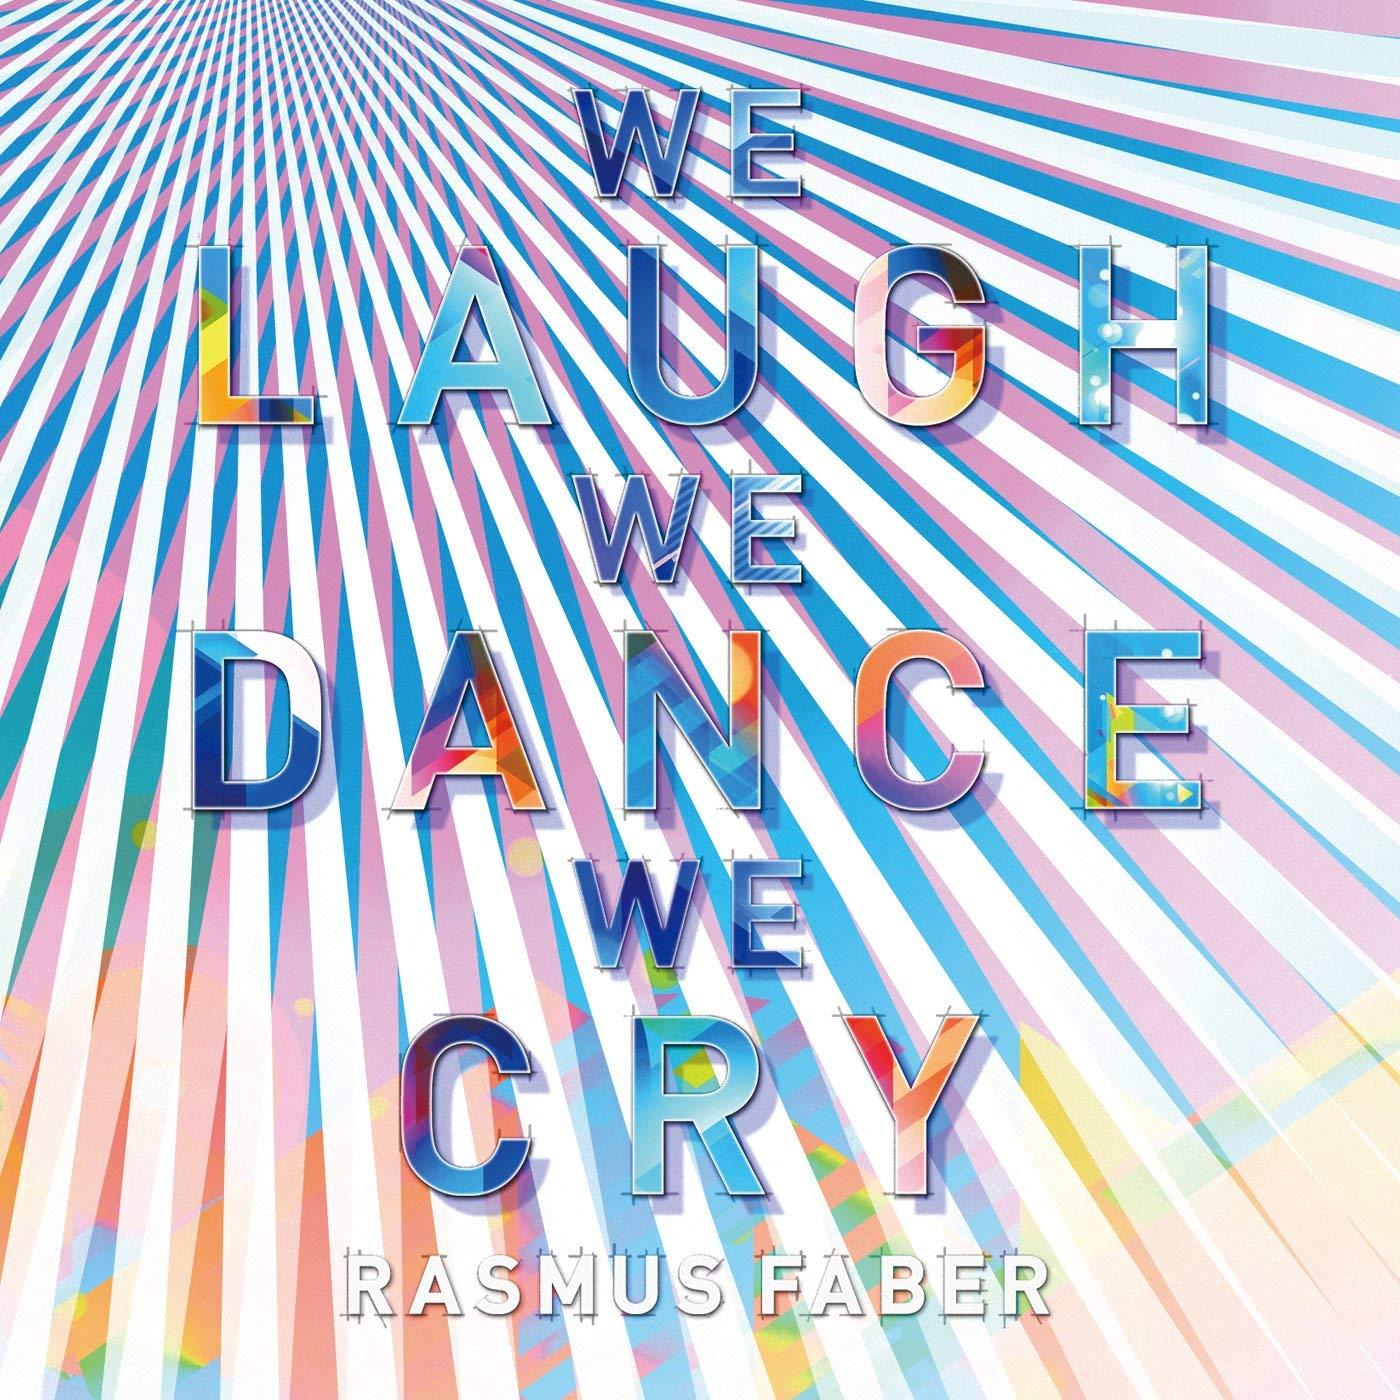 ウィ・ラフ・ウィ・ダンス・ウィ・クライ-【CDDVD】【初回限定】